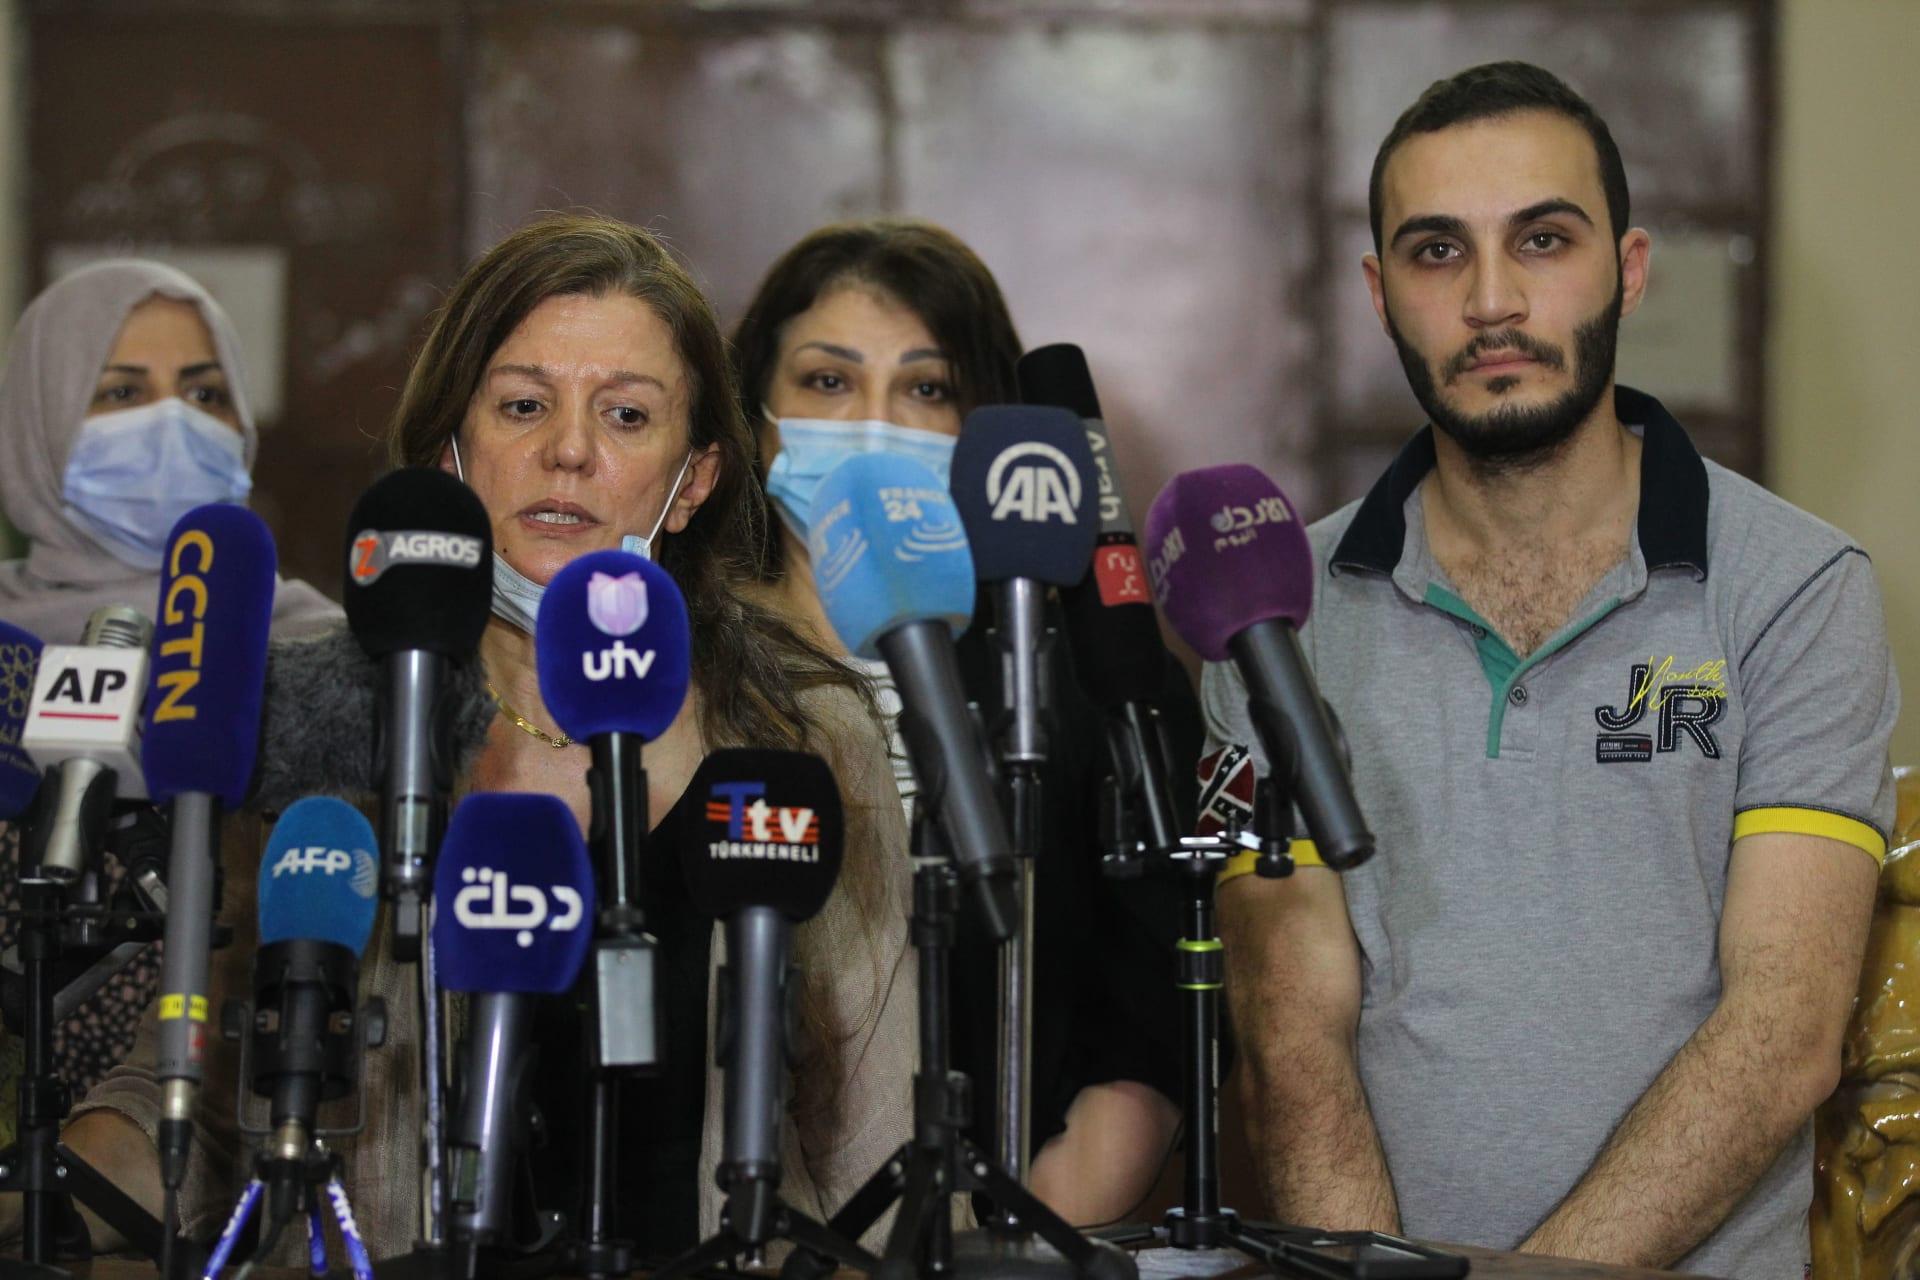 مؤتمر صحفي في أعقاب اختطاف الناشطة الألمانية هيلا مويس في بغداد قبل أيام